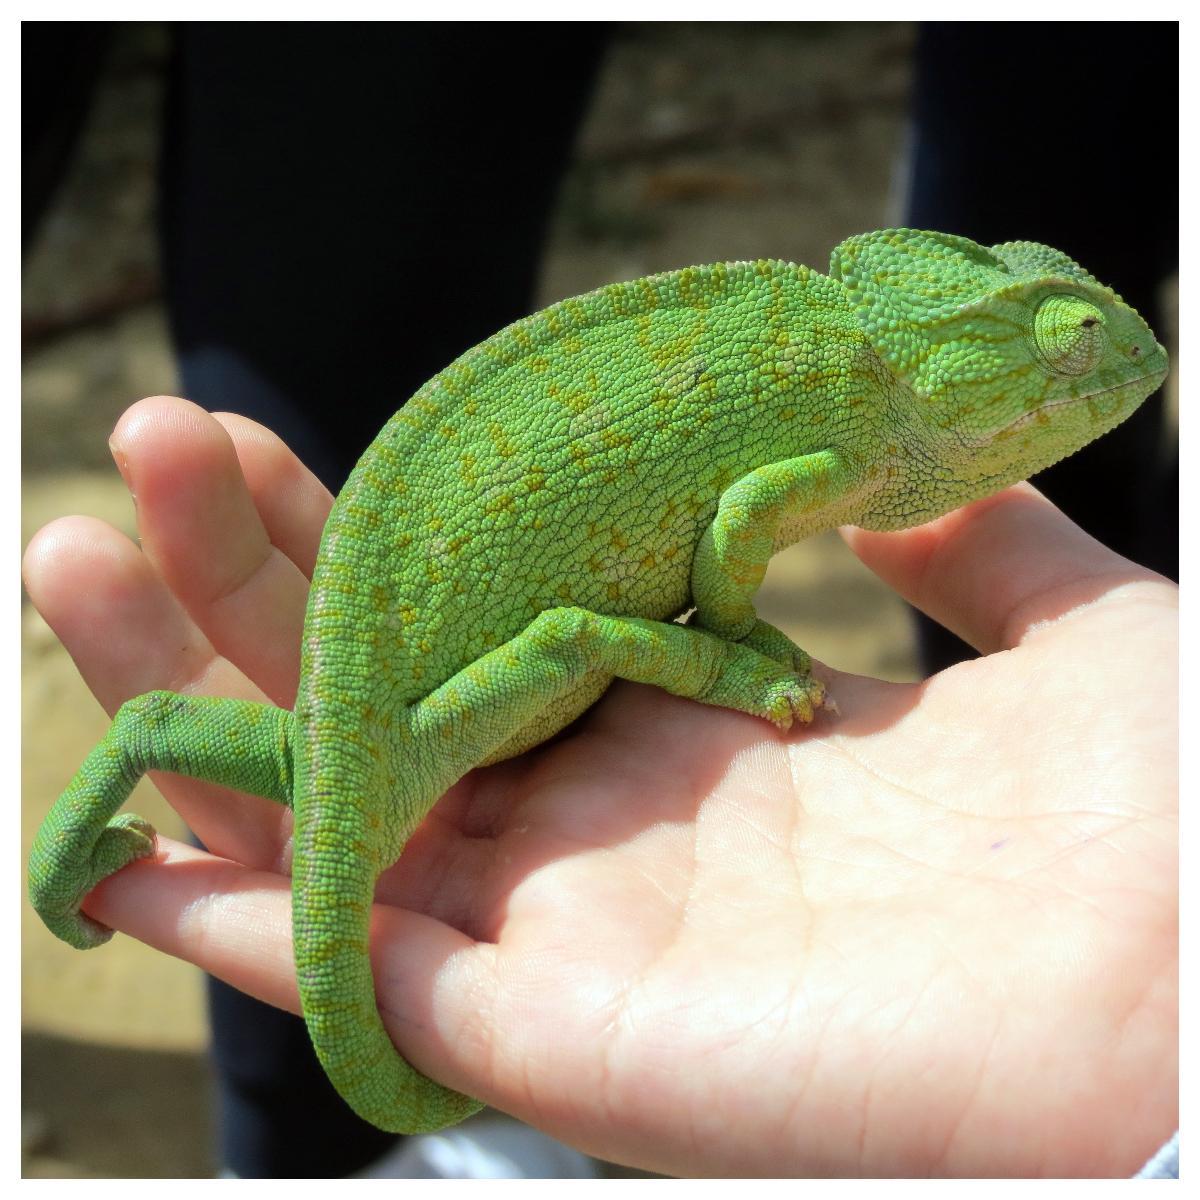 Visita guiada al Centro de Conservación y Recuperación del Camaleón